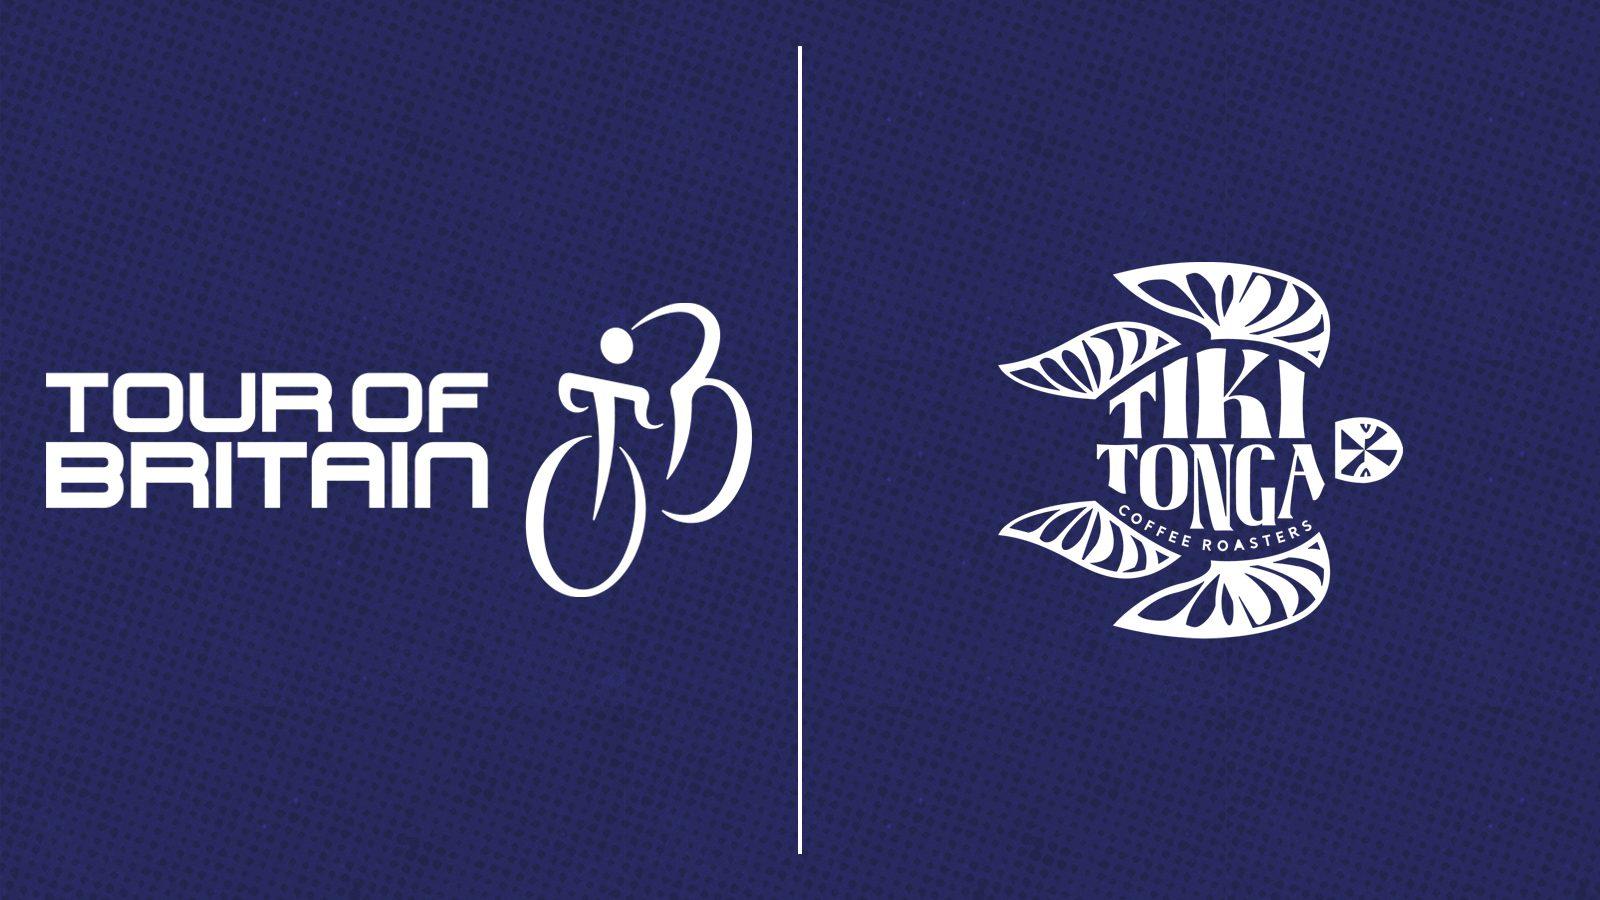 Tour of Britain Tiki Tonga